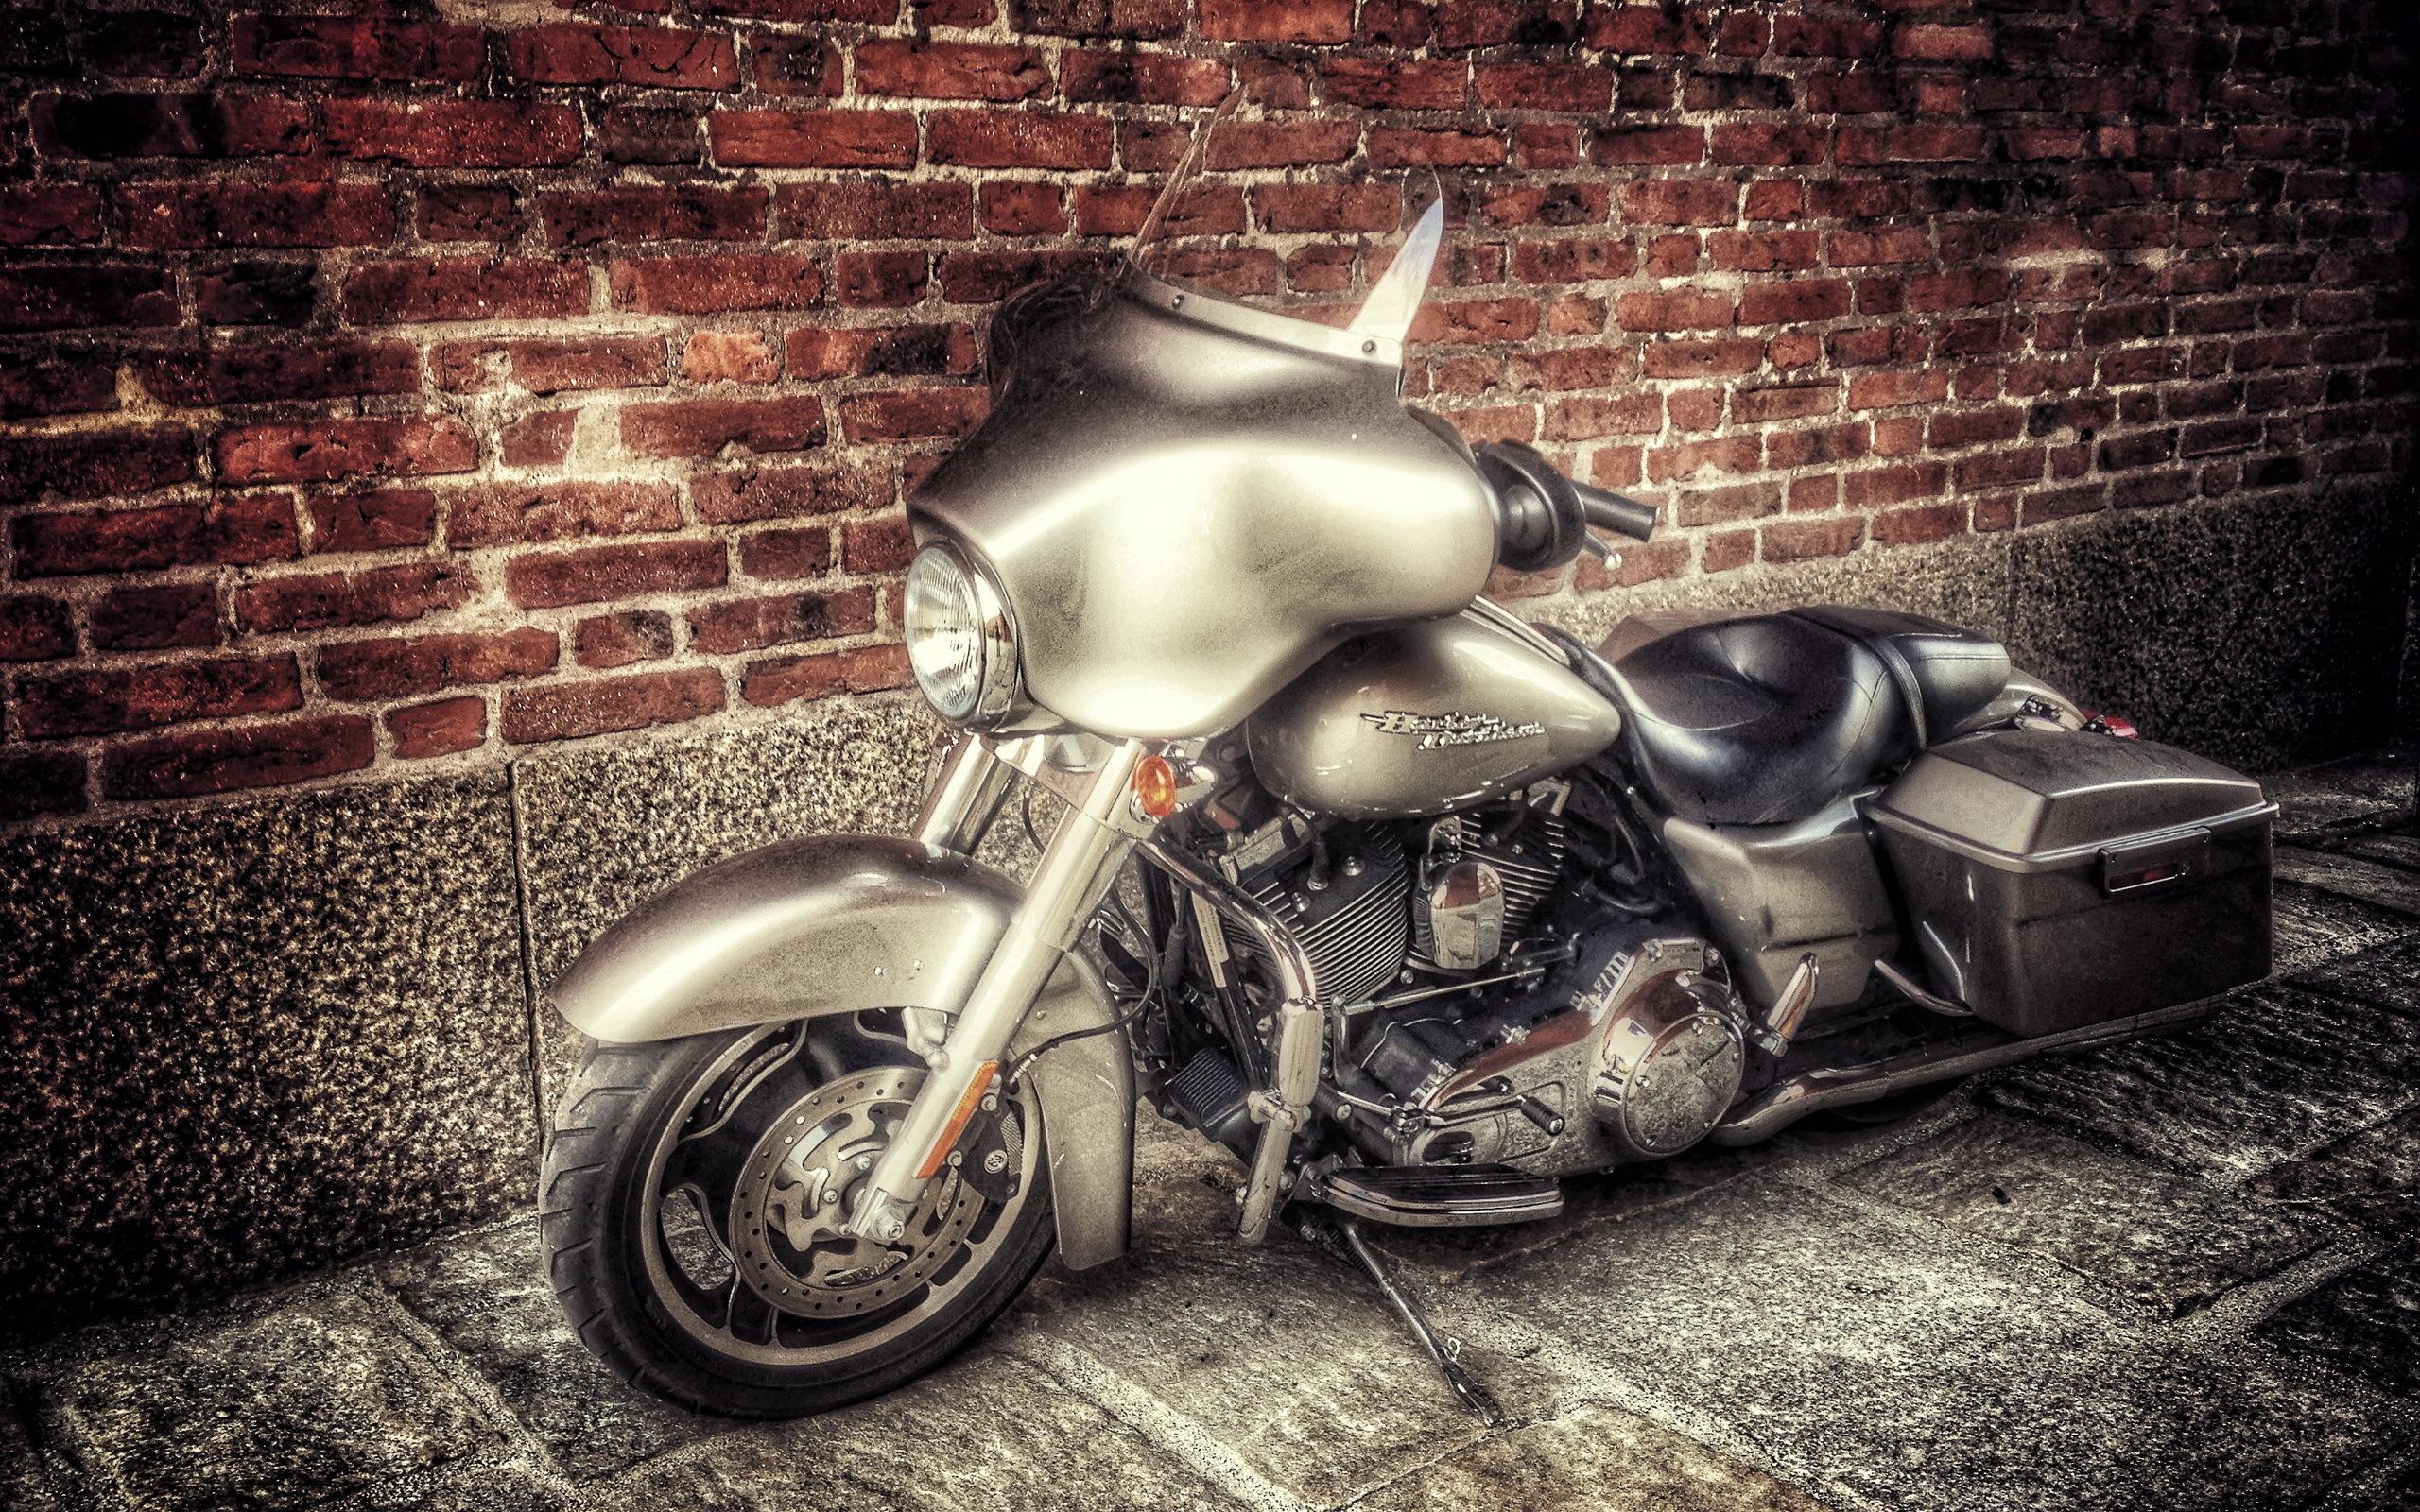 дома картинки для телефона мотоциклы вопрос какой прикол